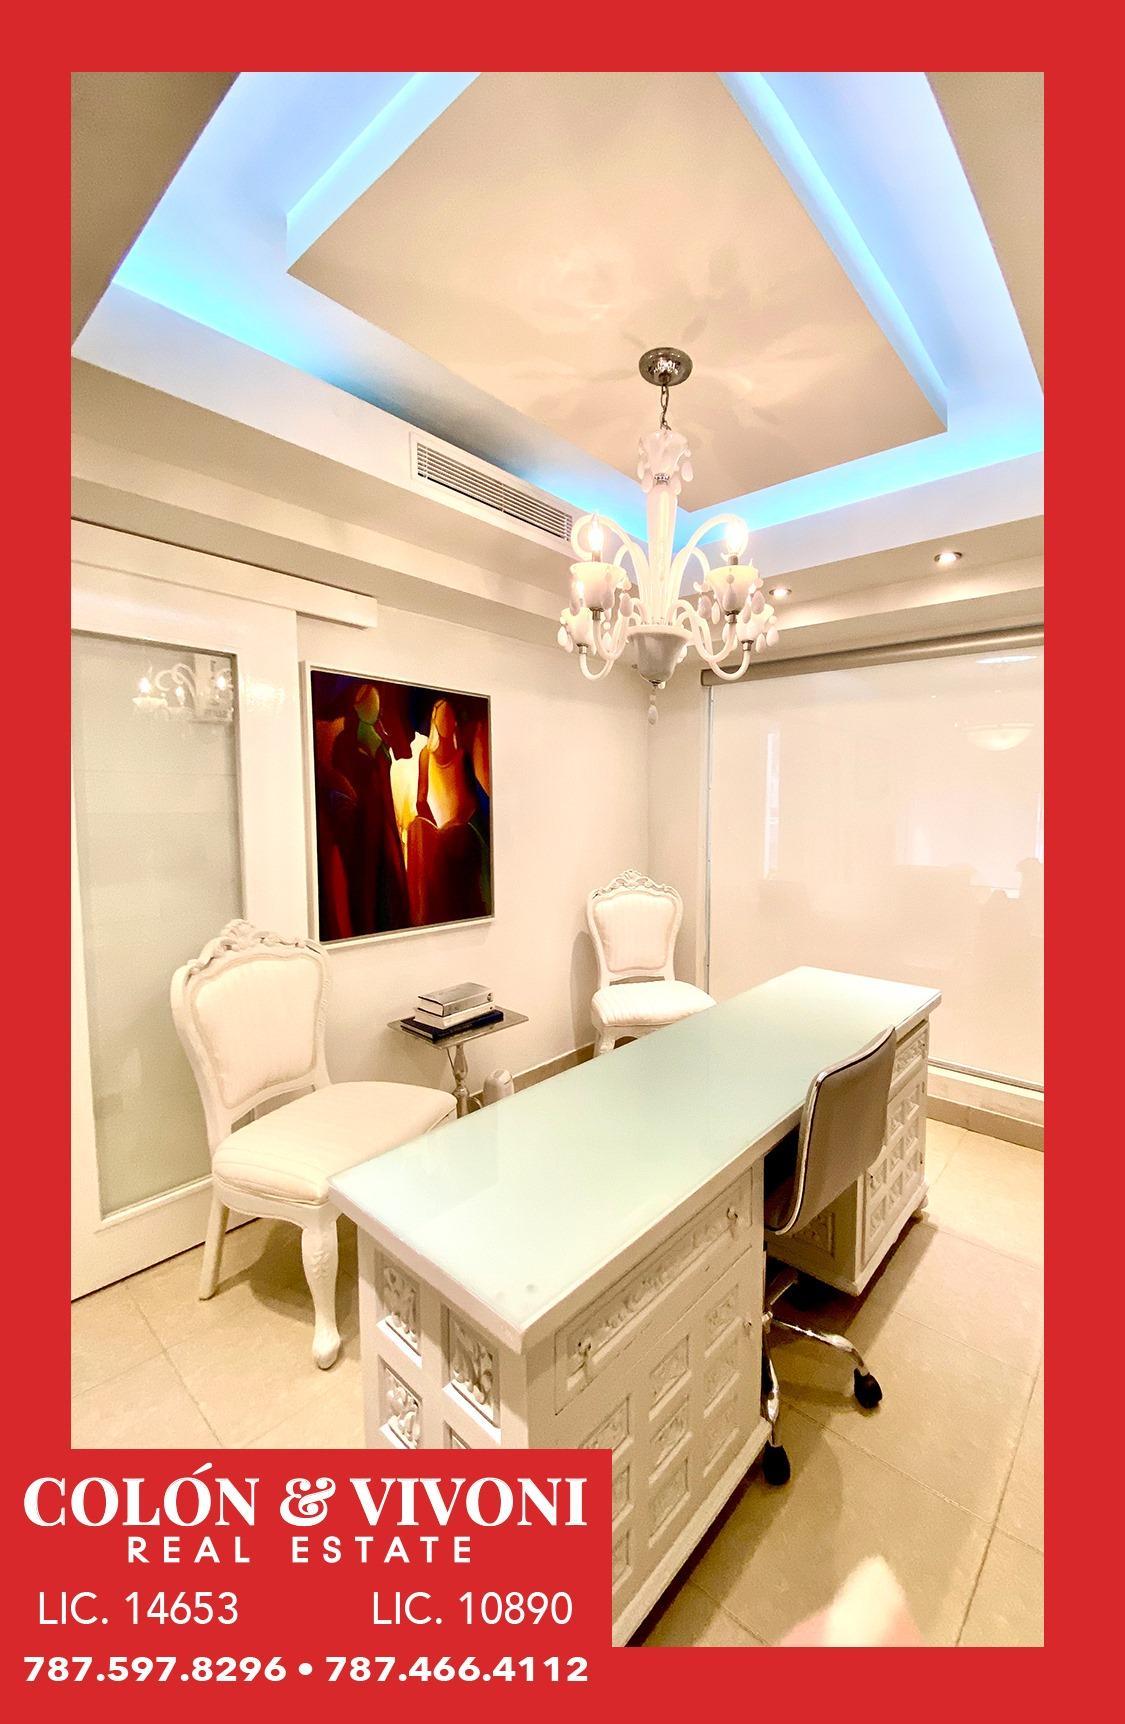 Calle Dr. Jose E Arraras Edificio The Hall Mayaguez, PR 00680